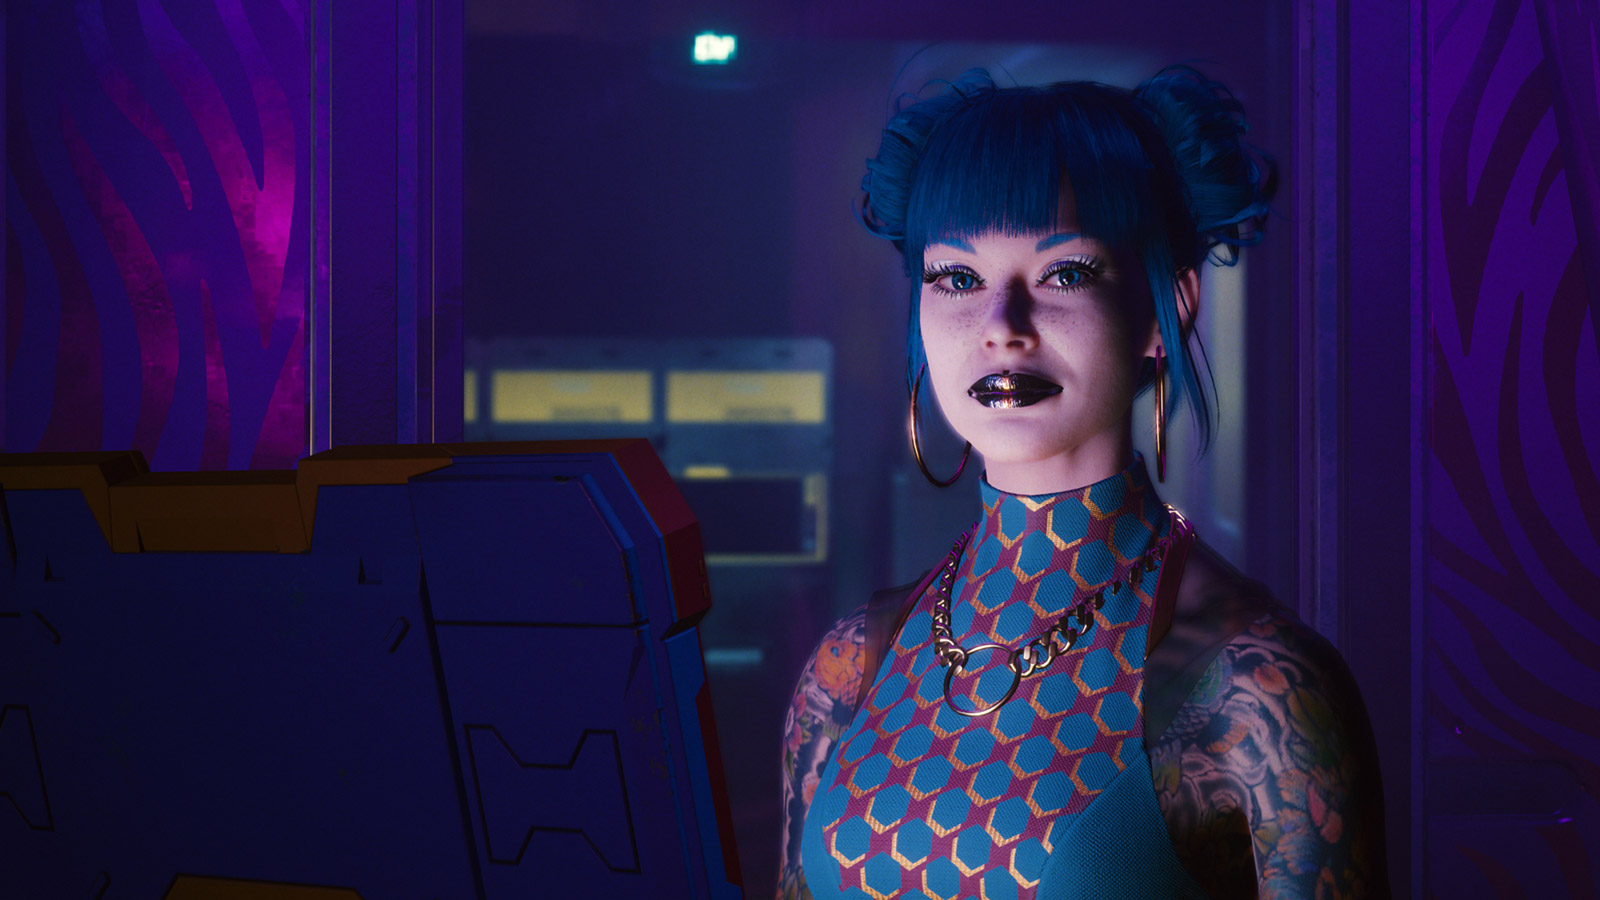 Free Cyberpunk 2077 Wallpaper in 1600x900